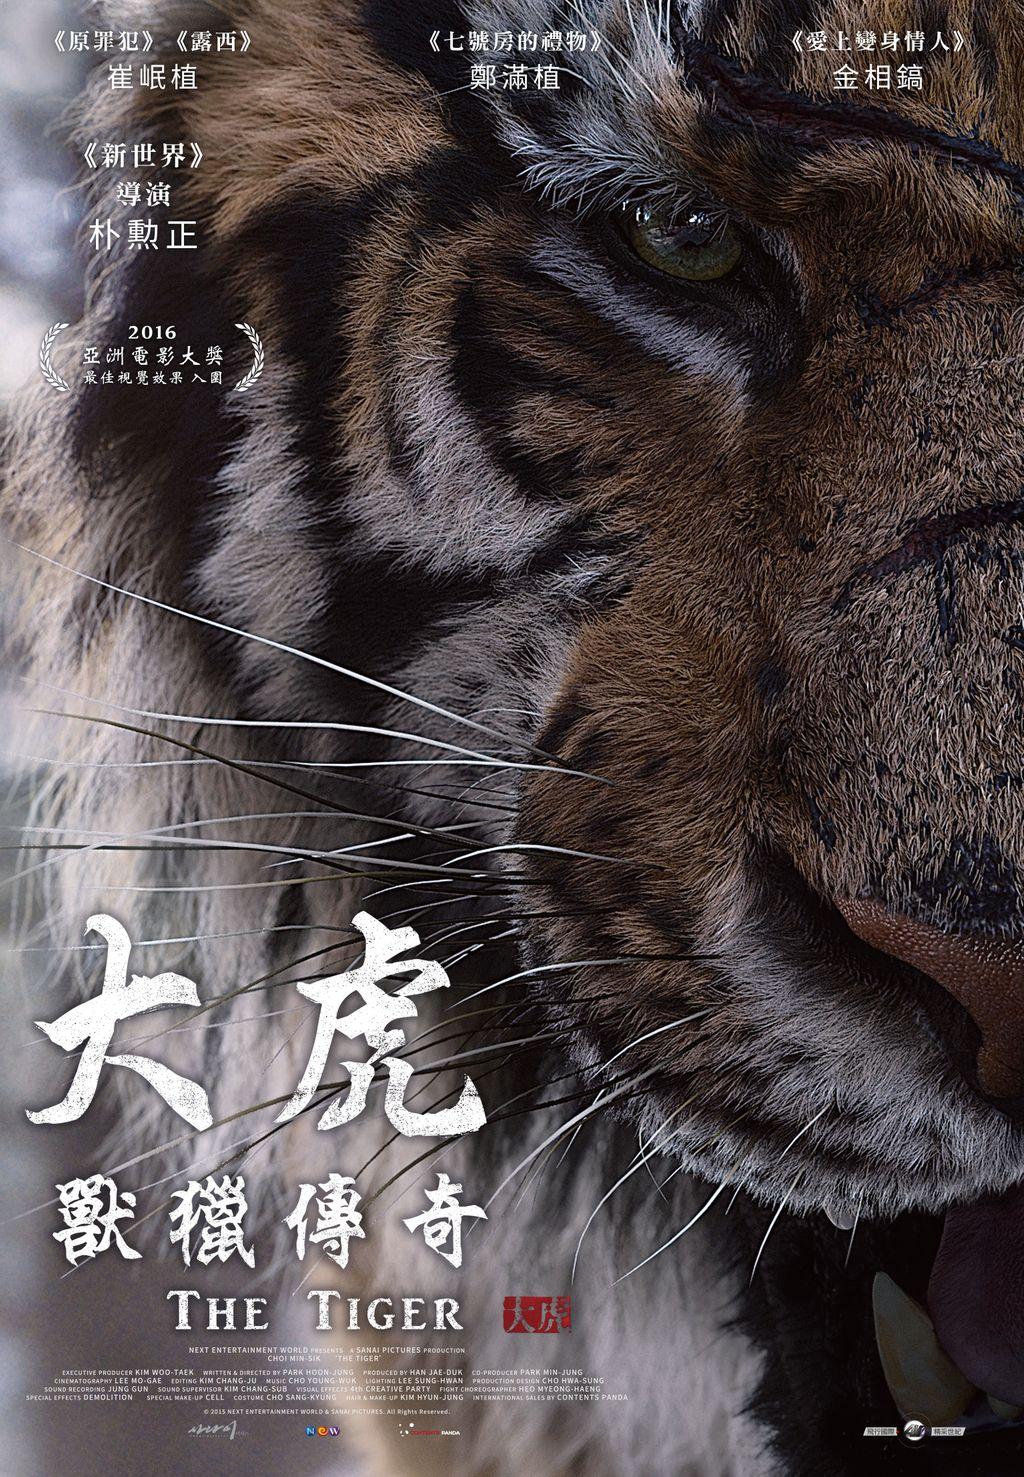 大虎:獸獵傳奇第1集 線上看 VIP會員 LINE TV-精彩隨看